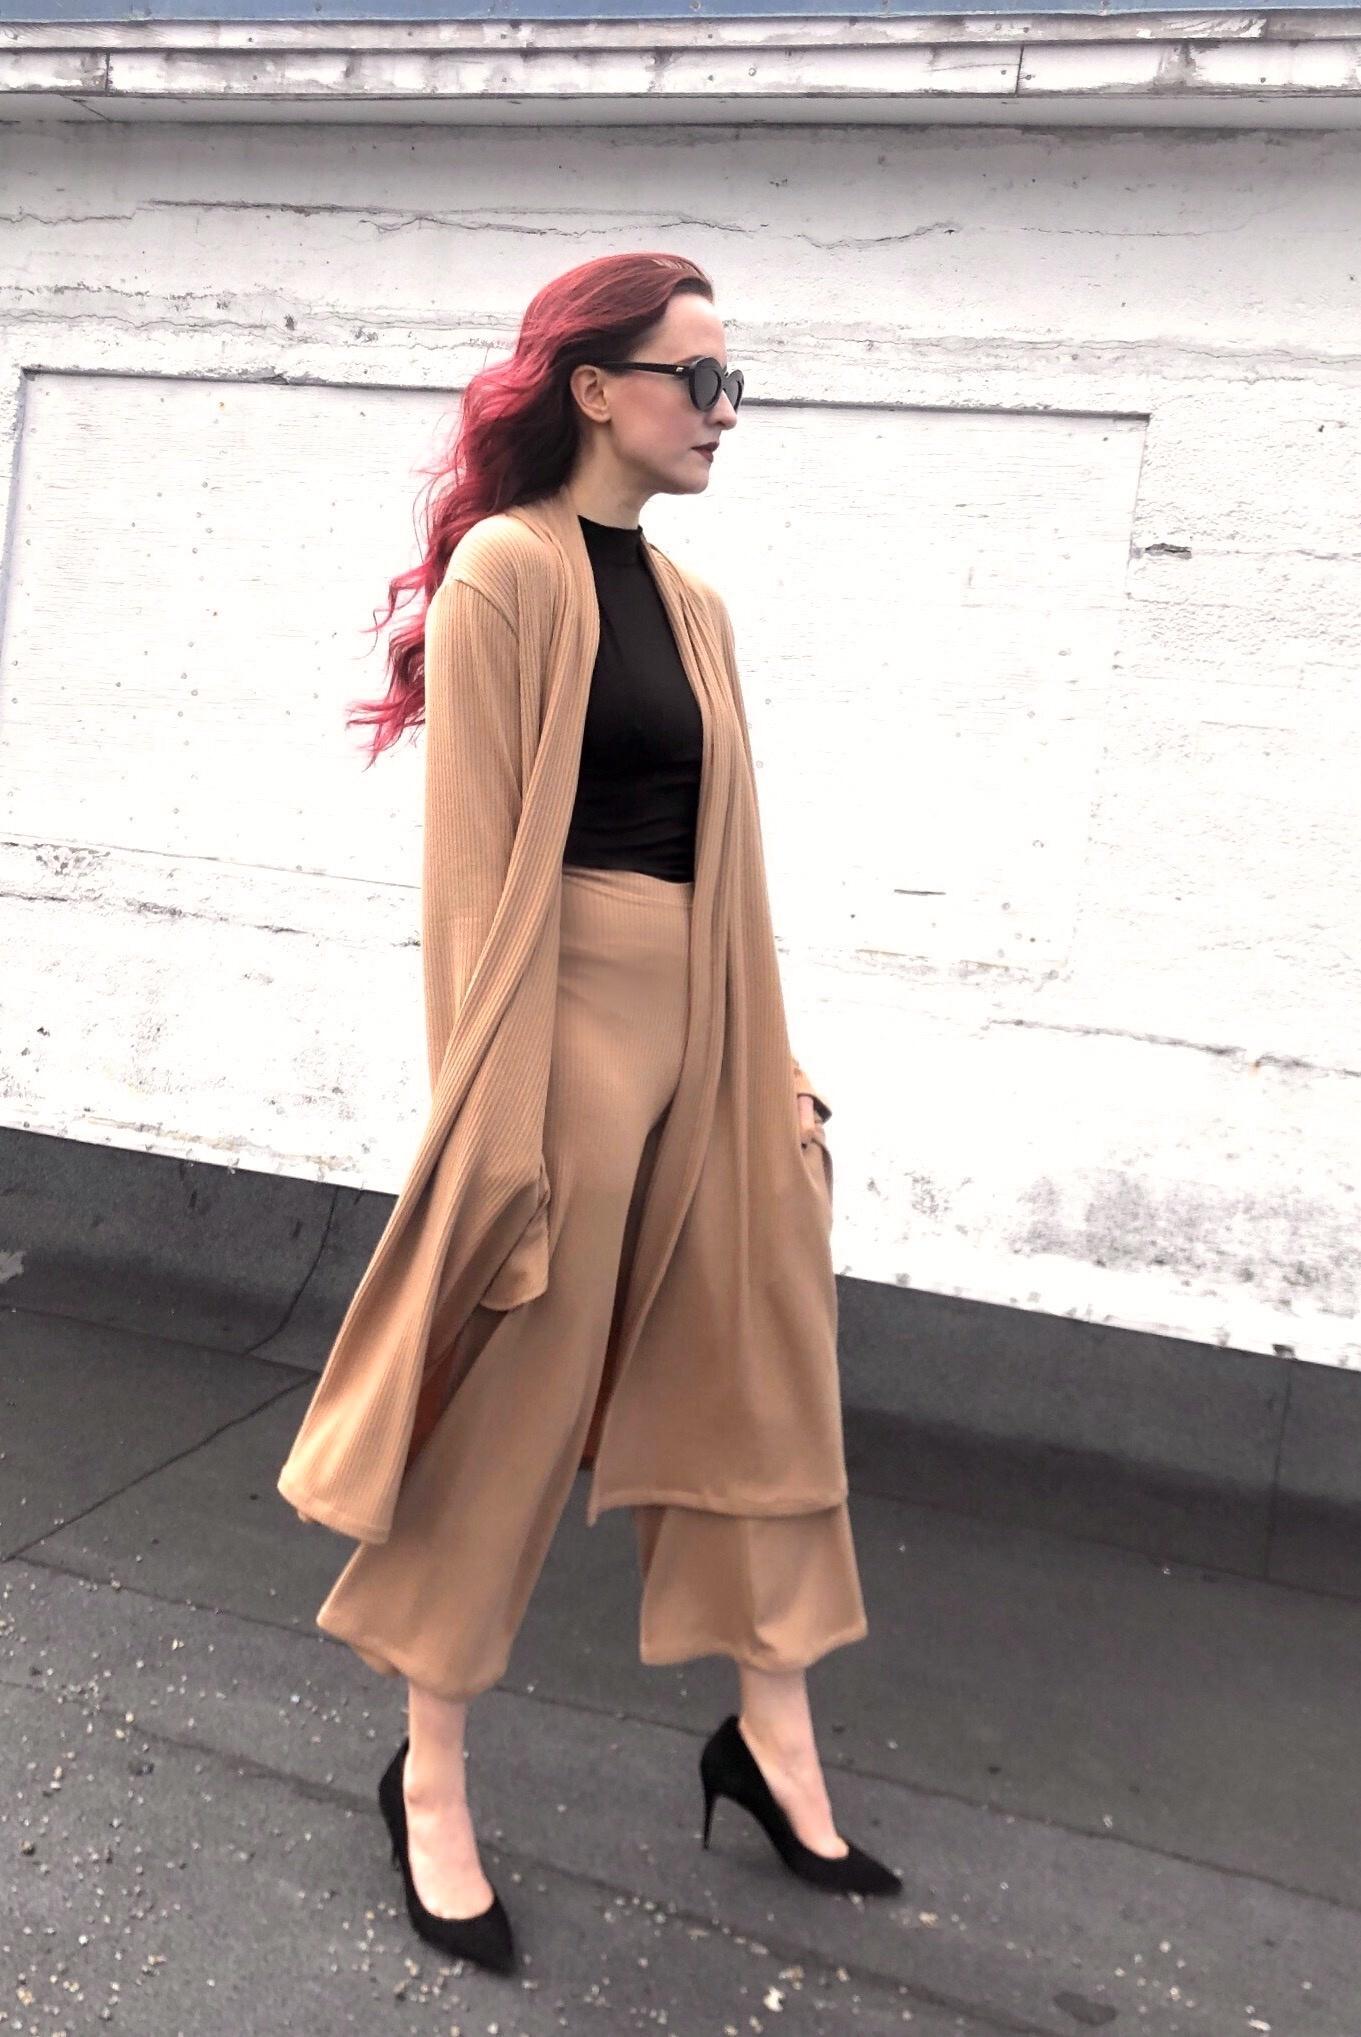 Sooley Designs Kate Pants - Ribbed Knit